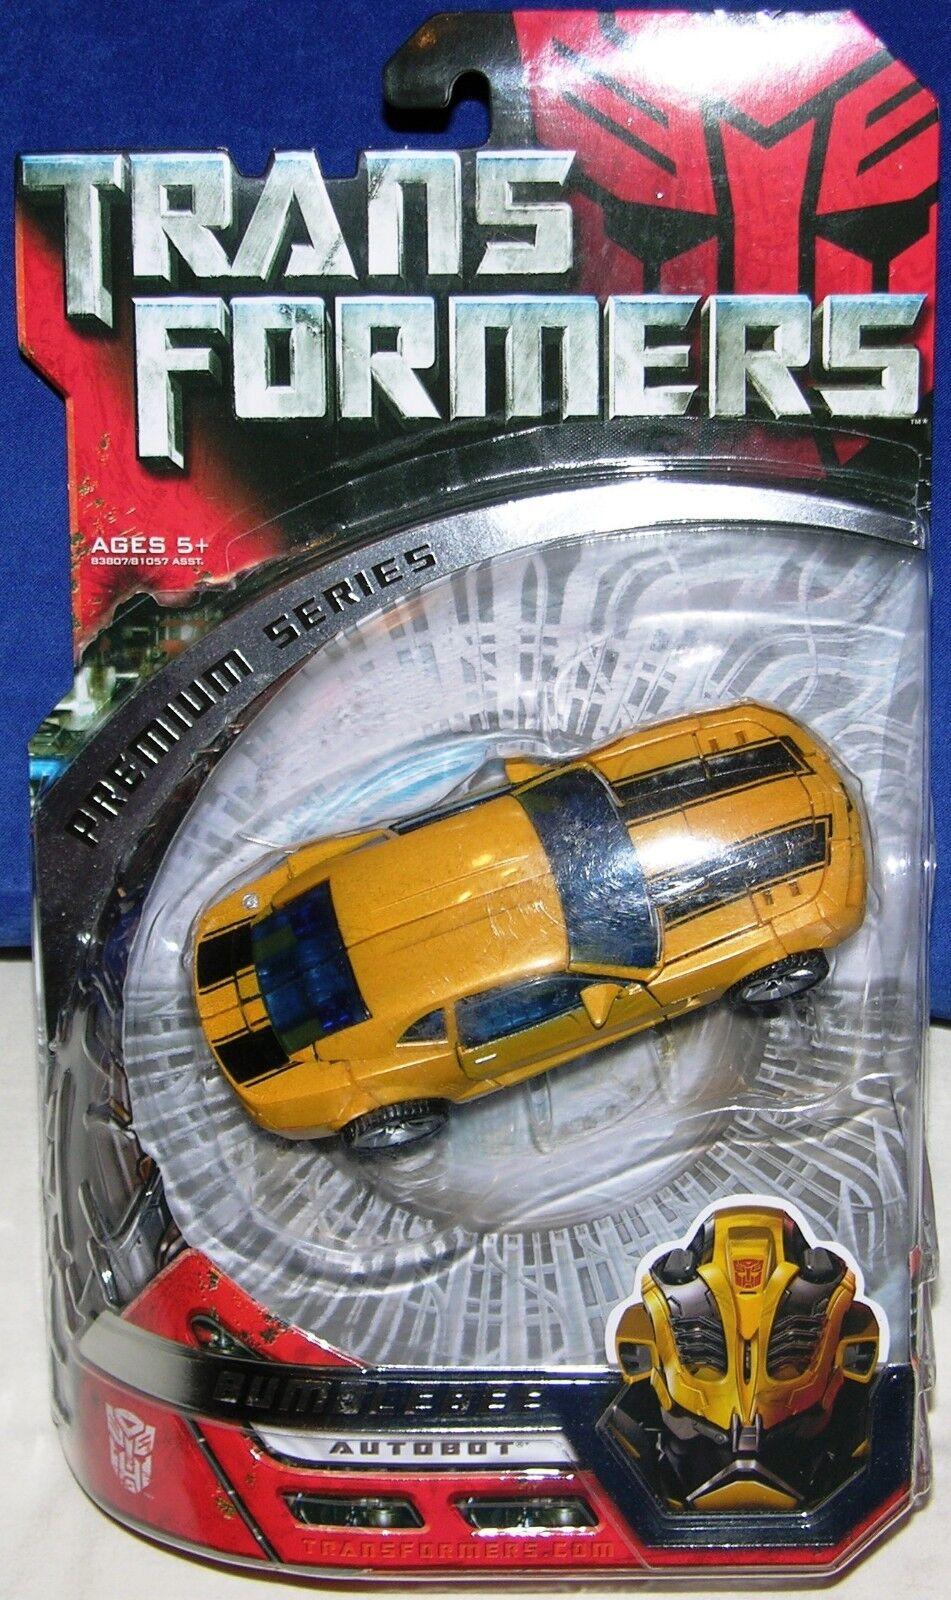 Bumblebee Premium Series Autobot Deluxe Class Transformers Action Figures